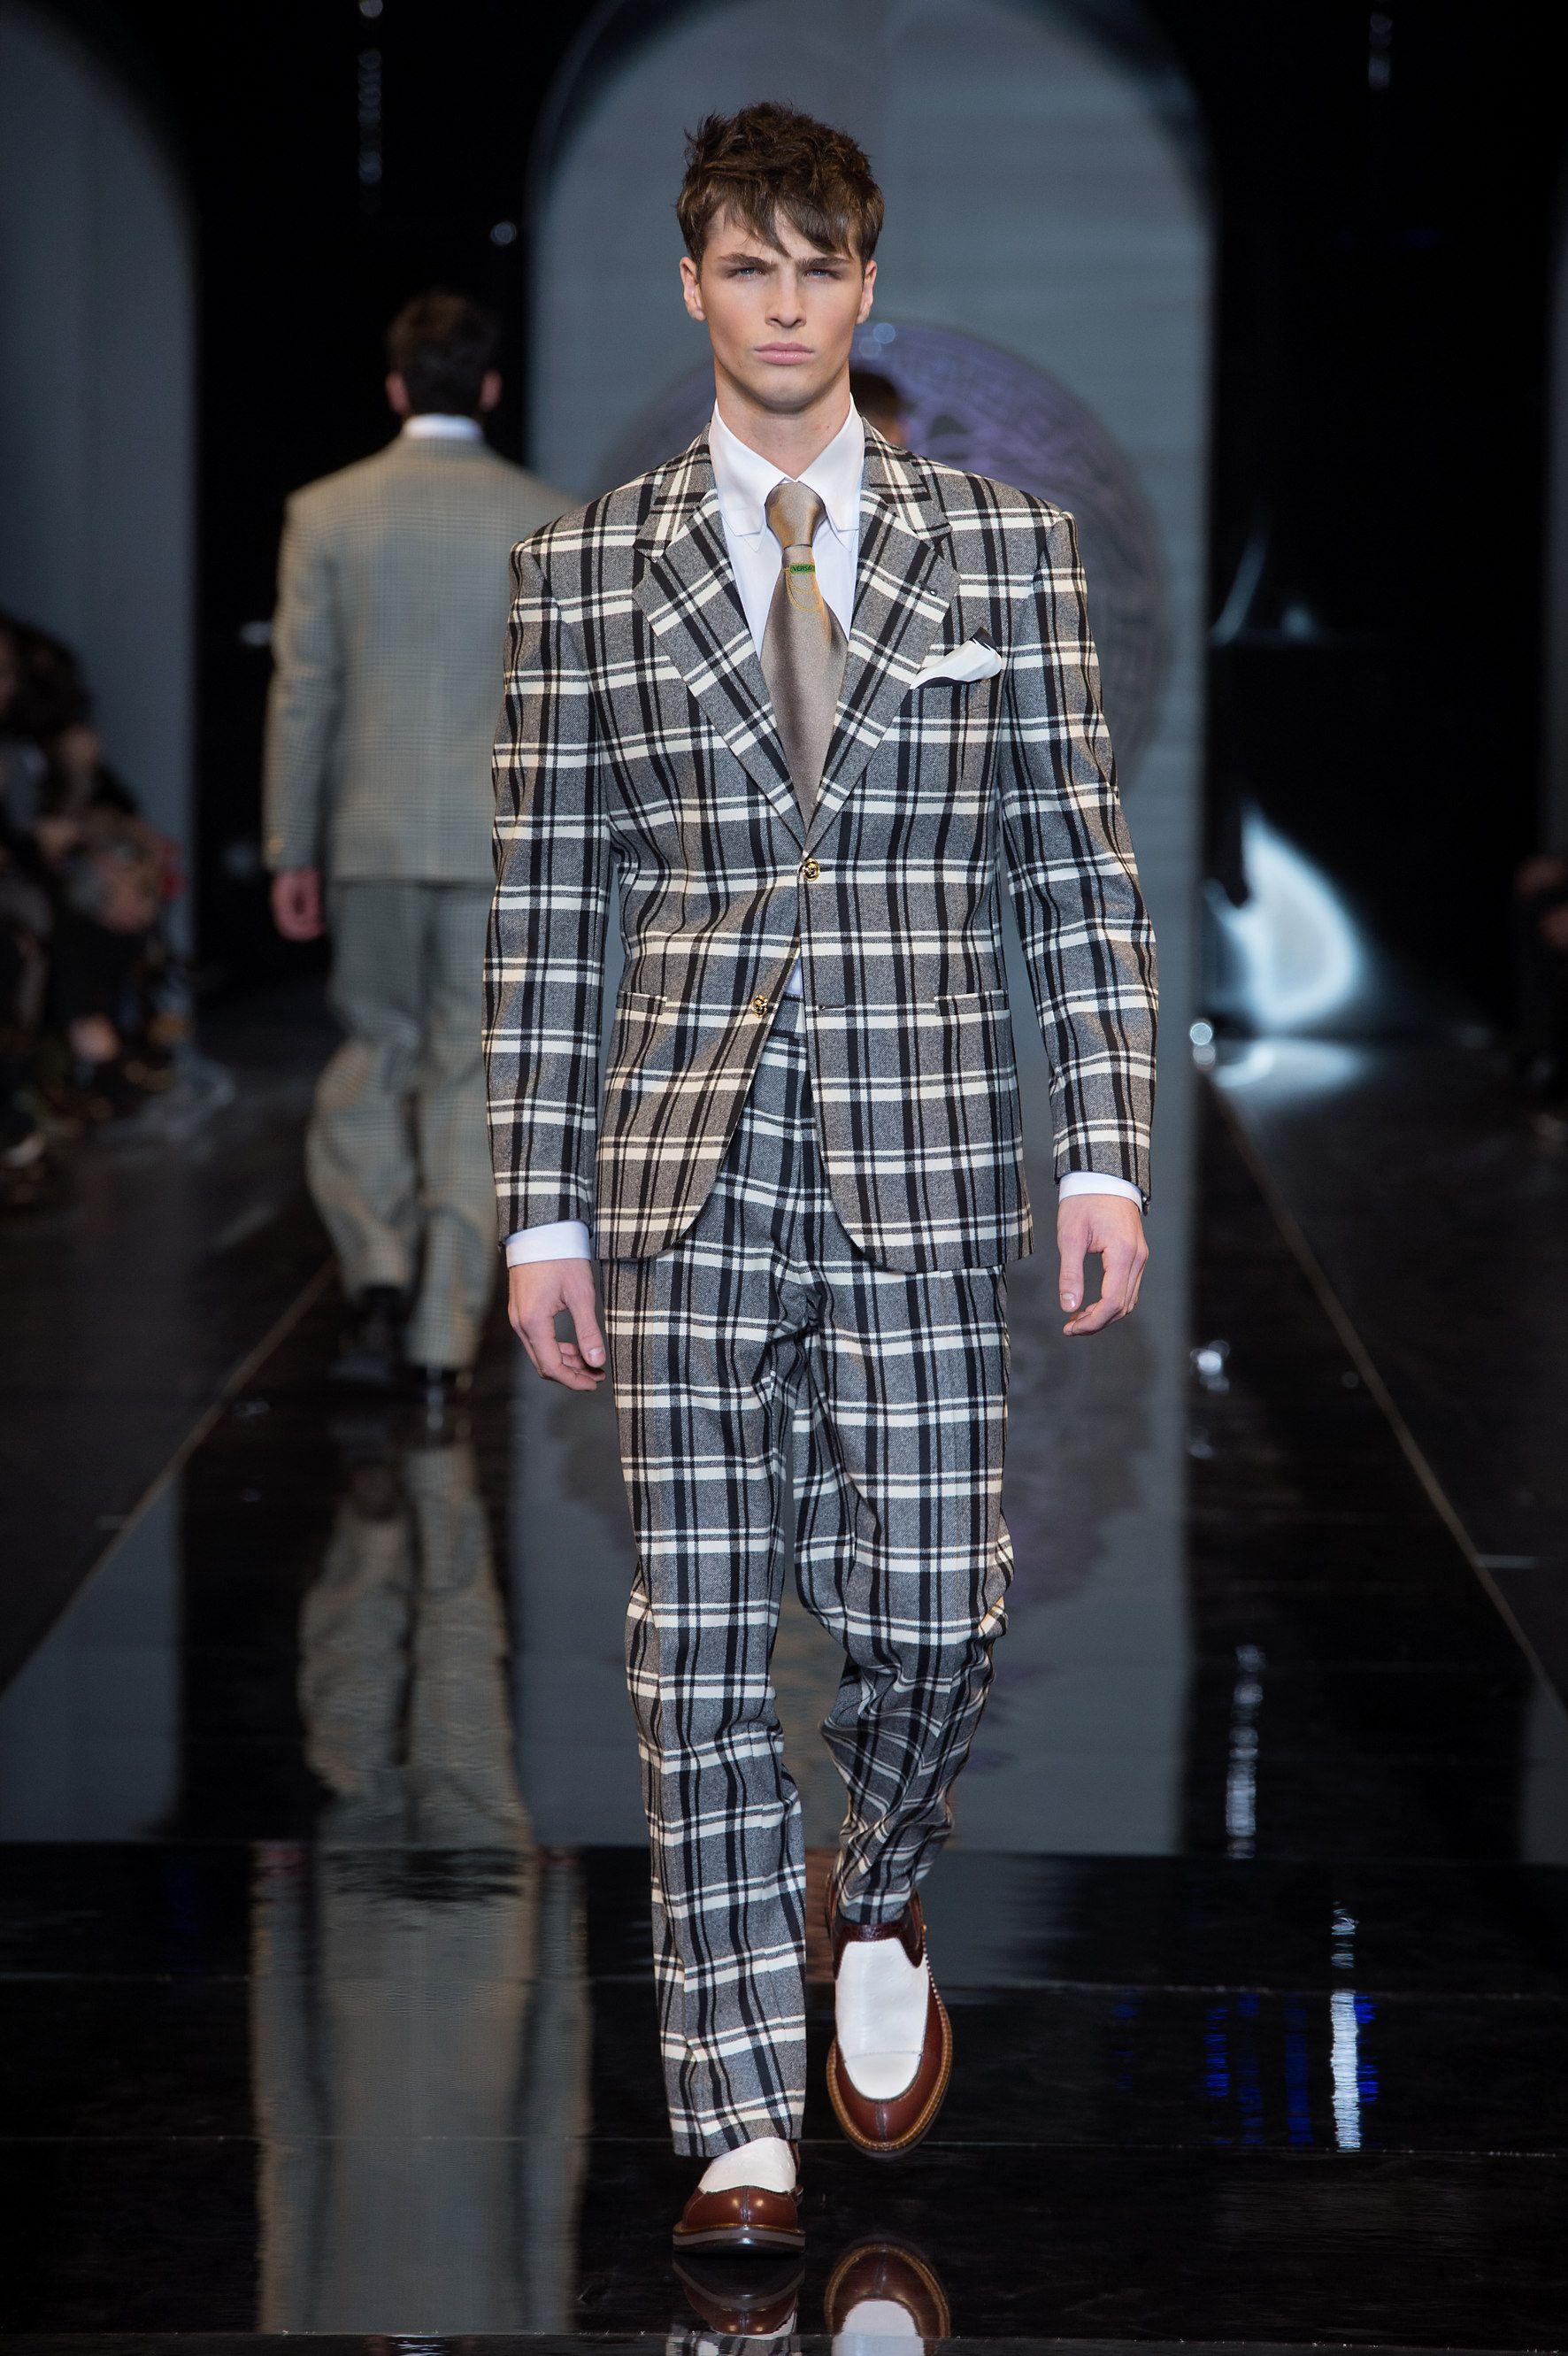 Versace Men 2015 Spring Summer: #Suit - Versace Men's Fall Winter 2013